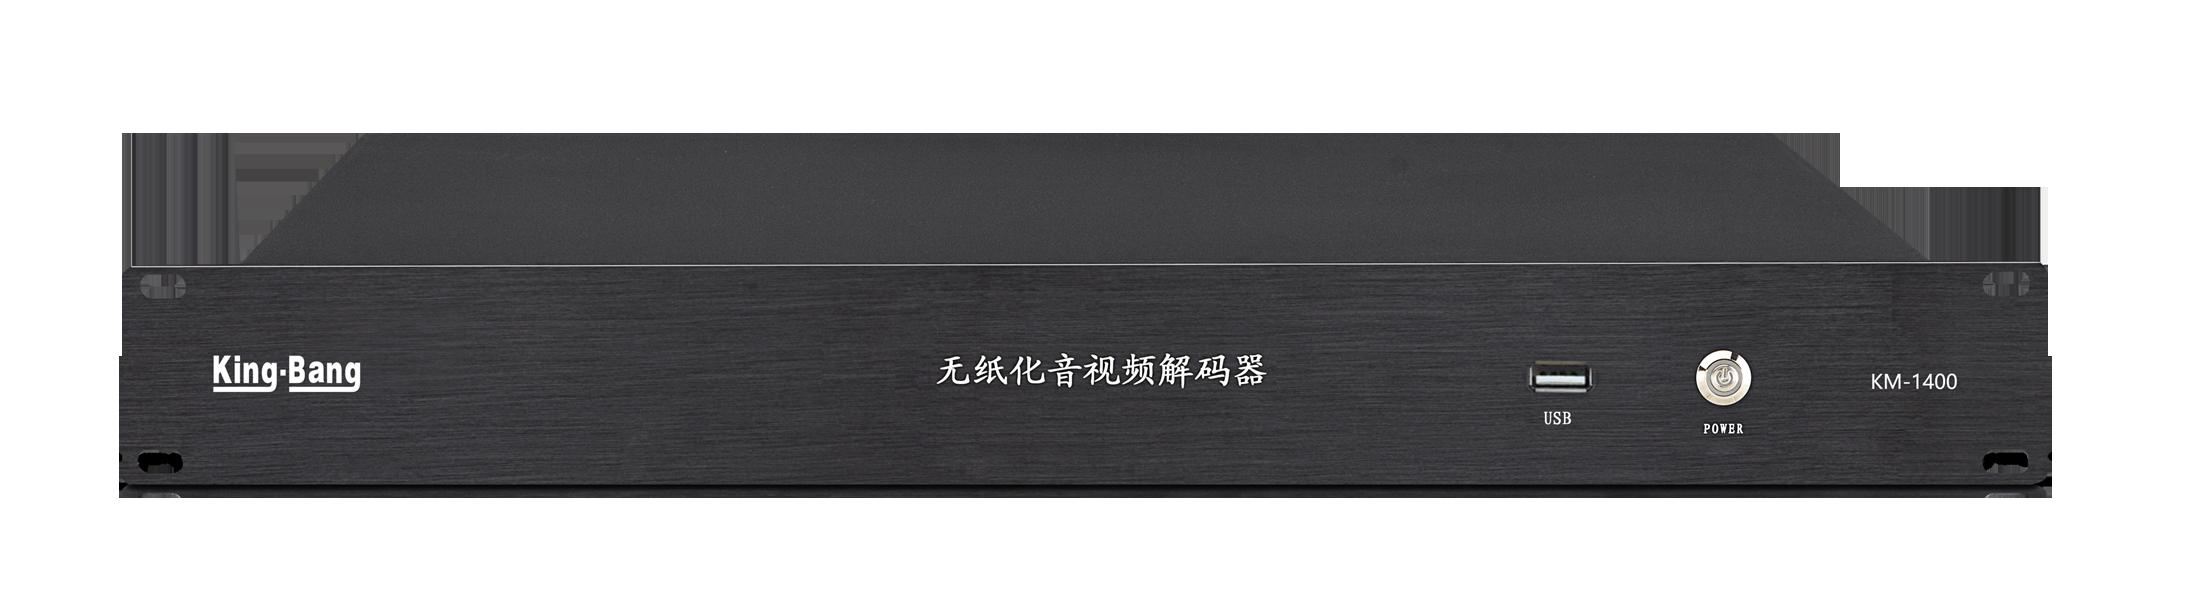 无纸化音视频编解码器 (含软件) KM-1400